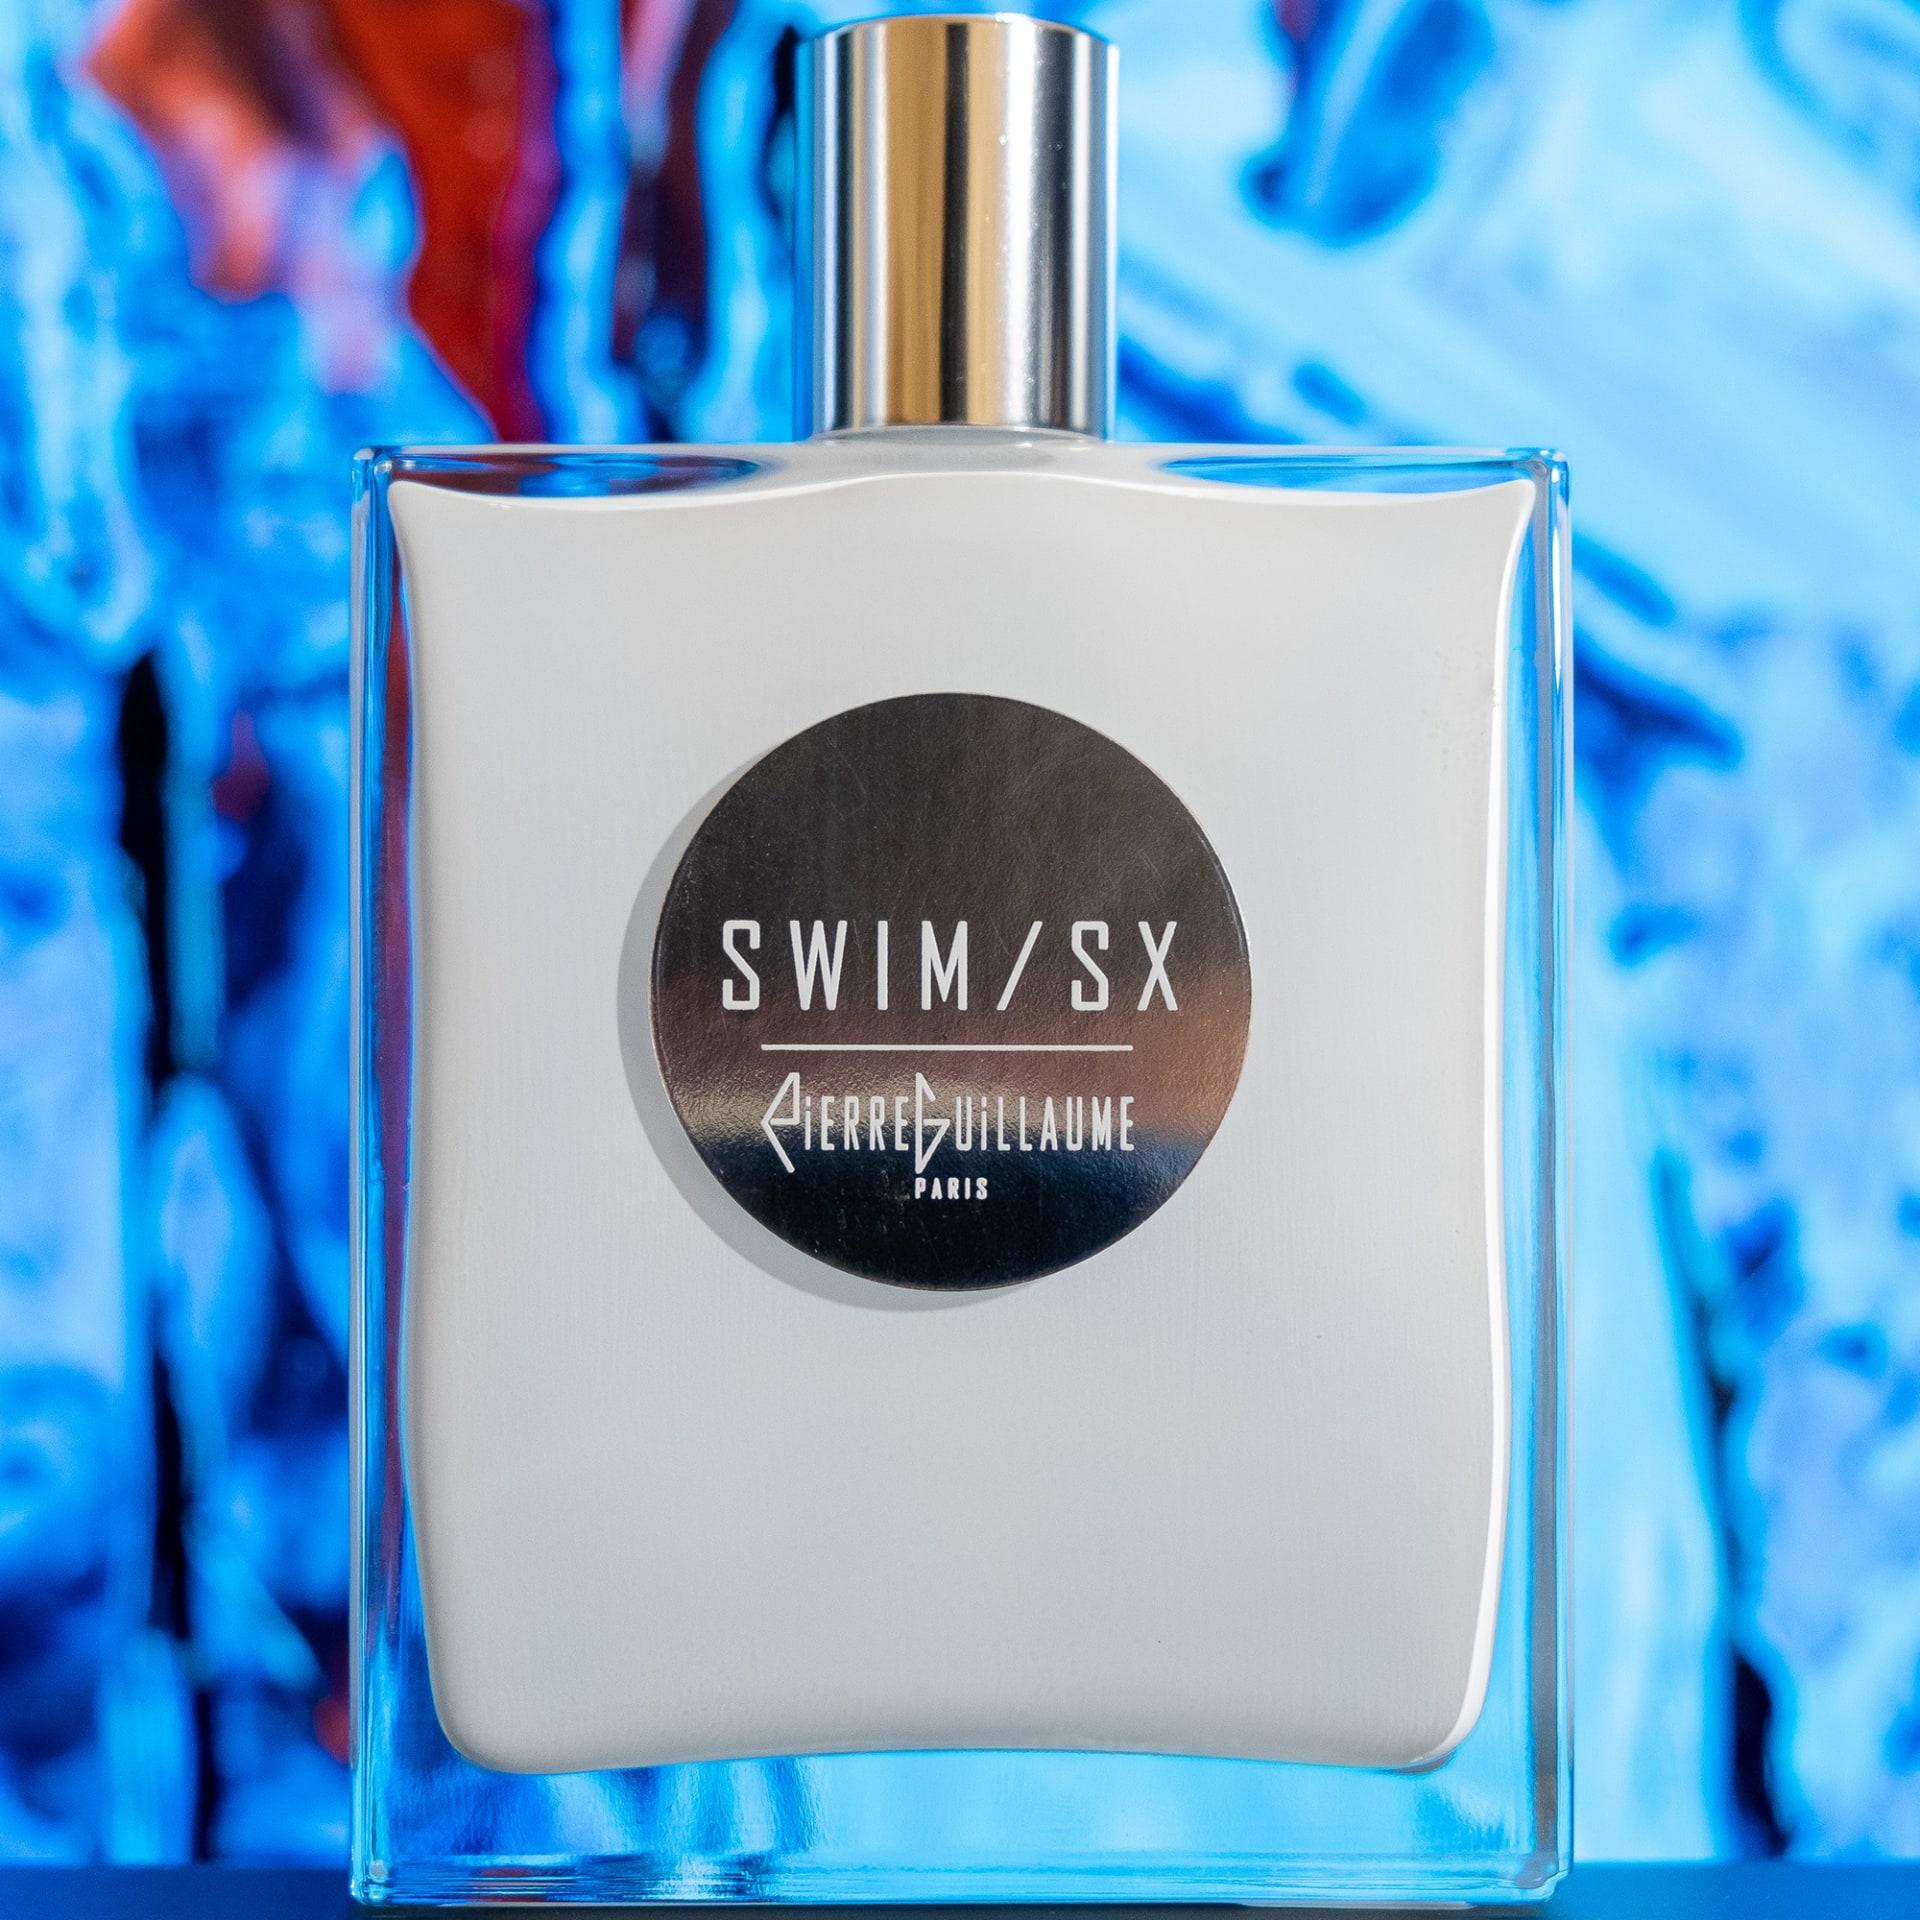 pierre-guillaume-swim-sx